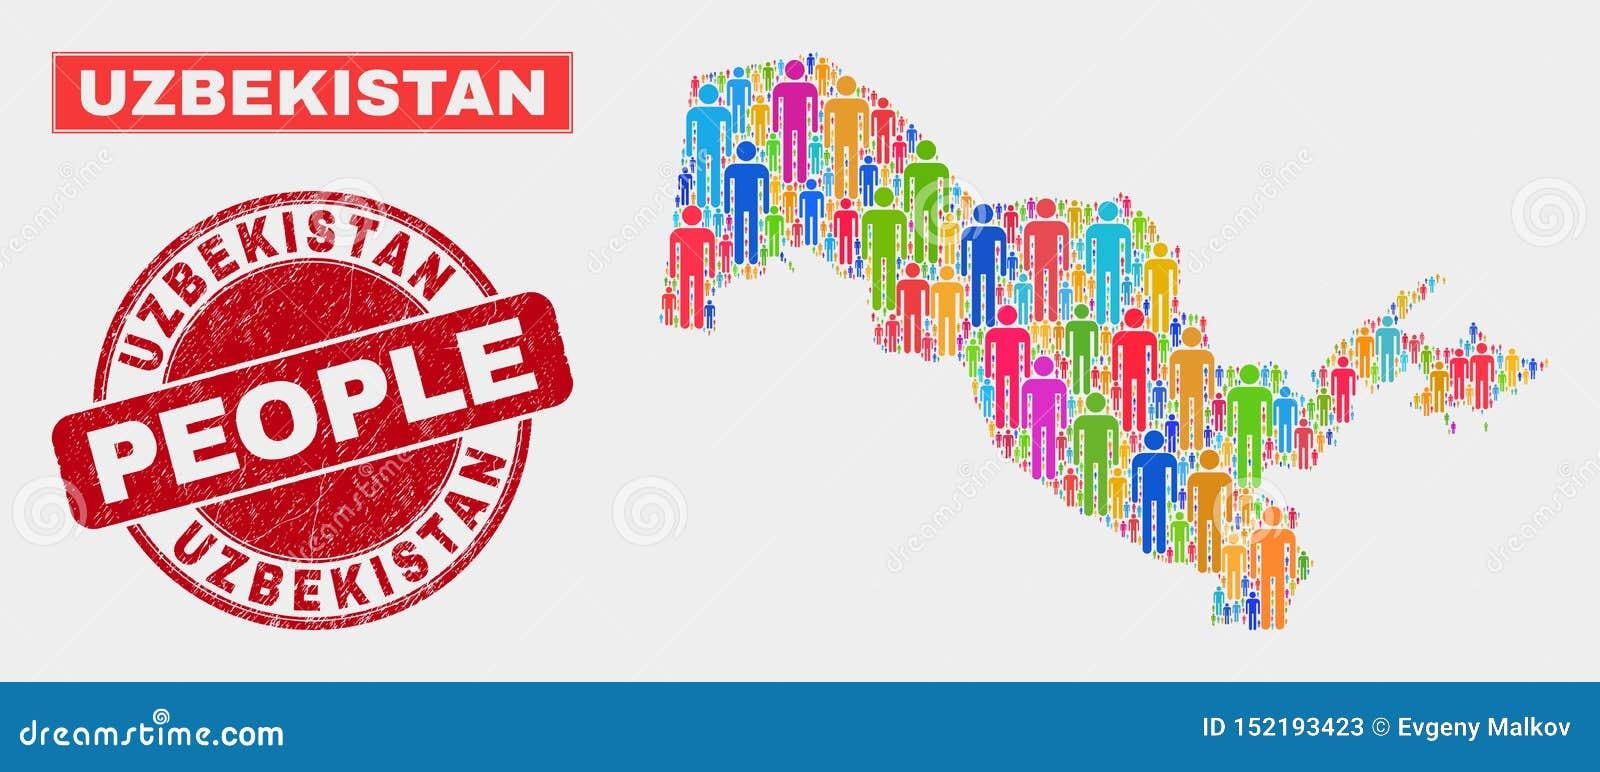 Онлайн знакомства и общение в Узбекистане   Новые знакомства и ...   771x1600